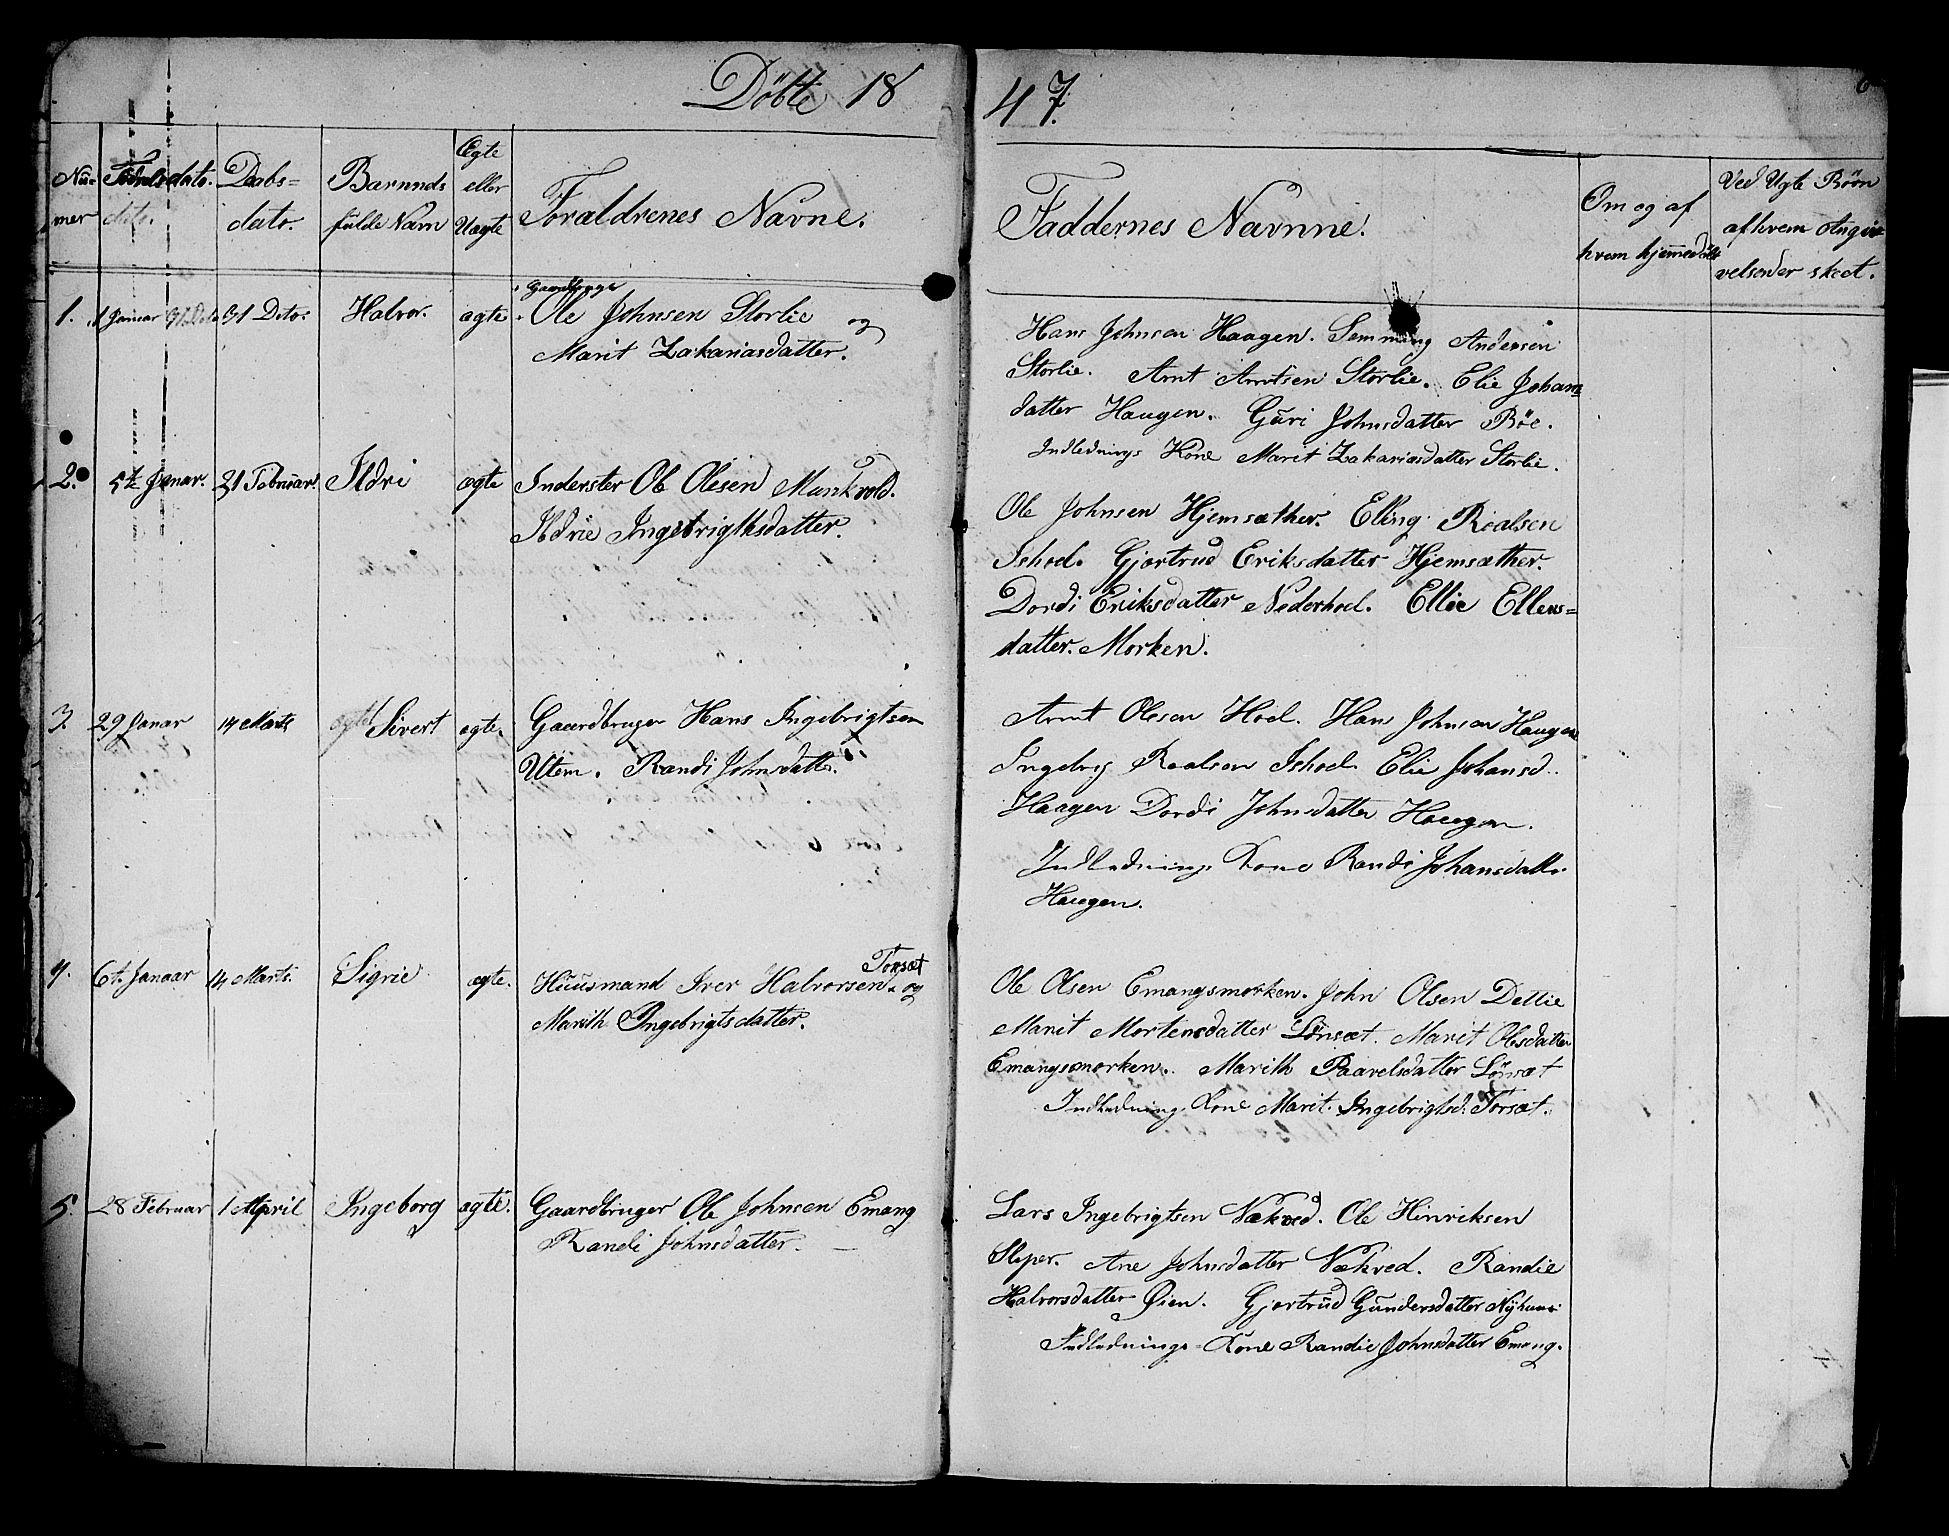 SAT, Ministerialprotokoller, klokkerbøker og fødselsregistre - Sør-Trøndelag, 679/L0922: Klokkerbok nr. 679C02, 1845-1851, s. 6